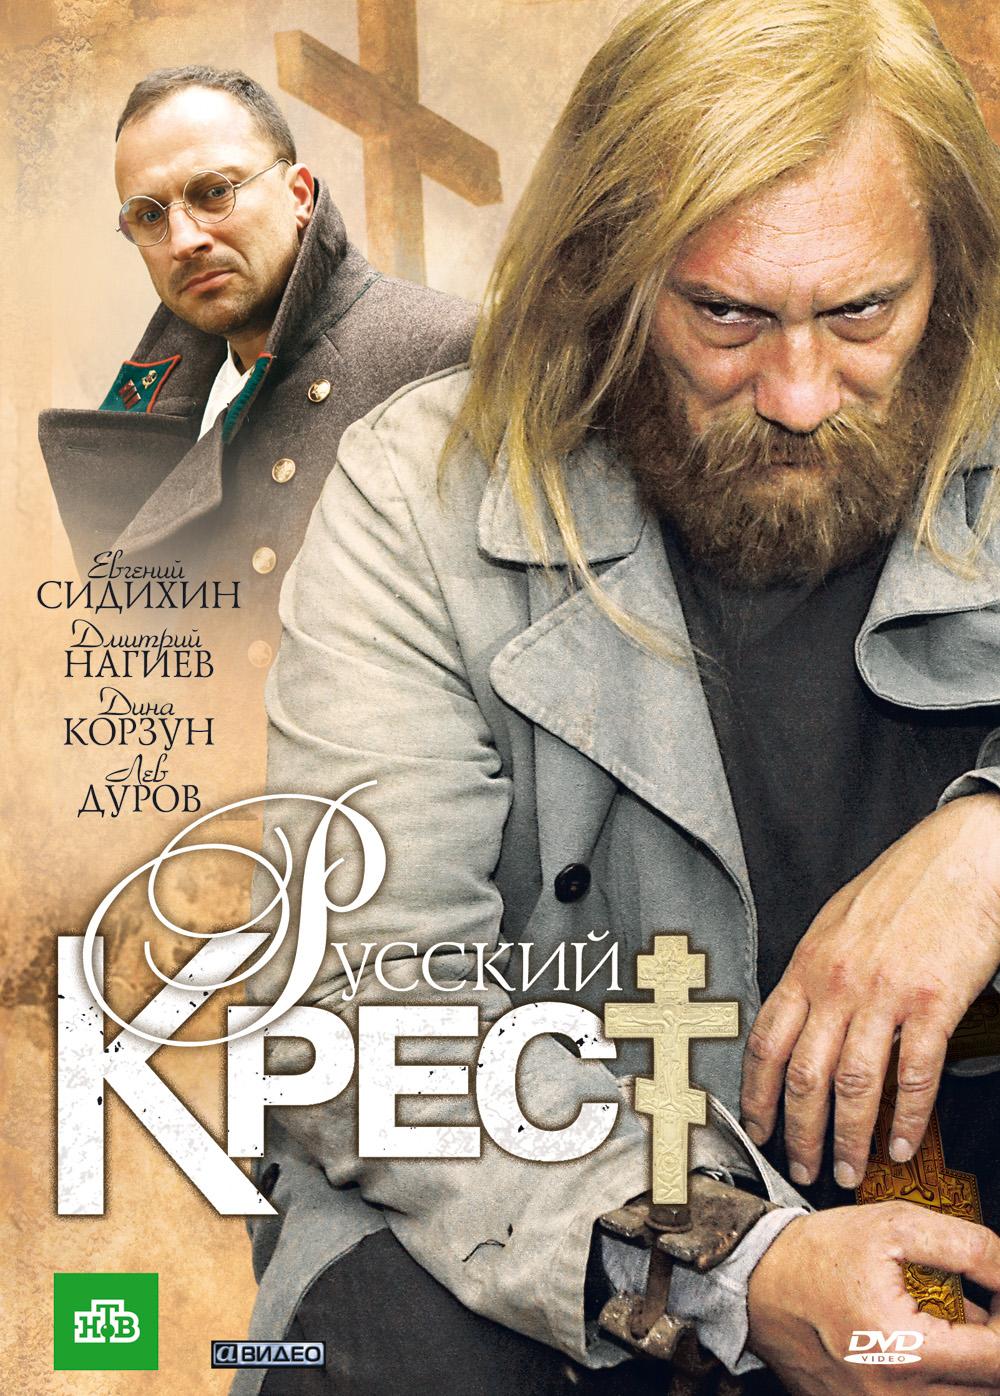 смотреть бесплатно русский фото торрент